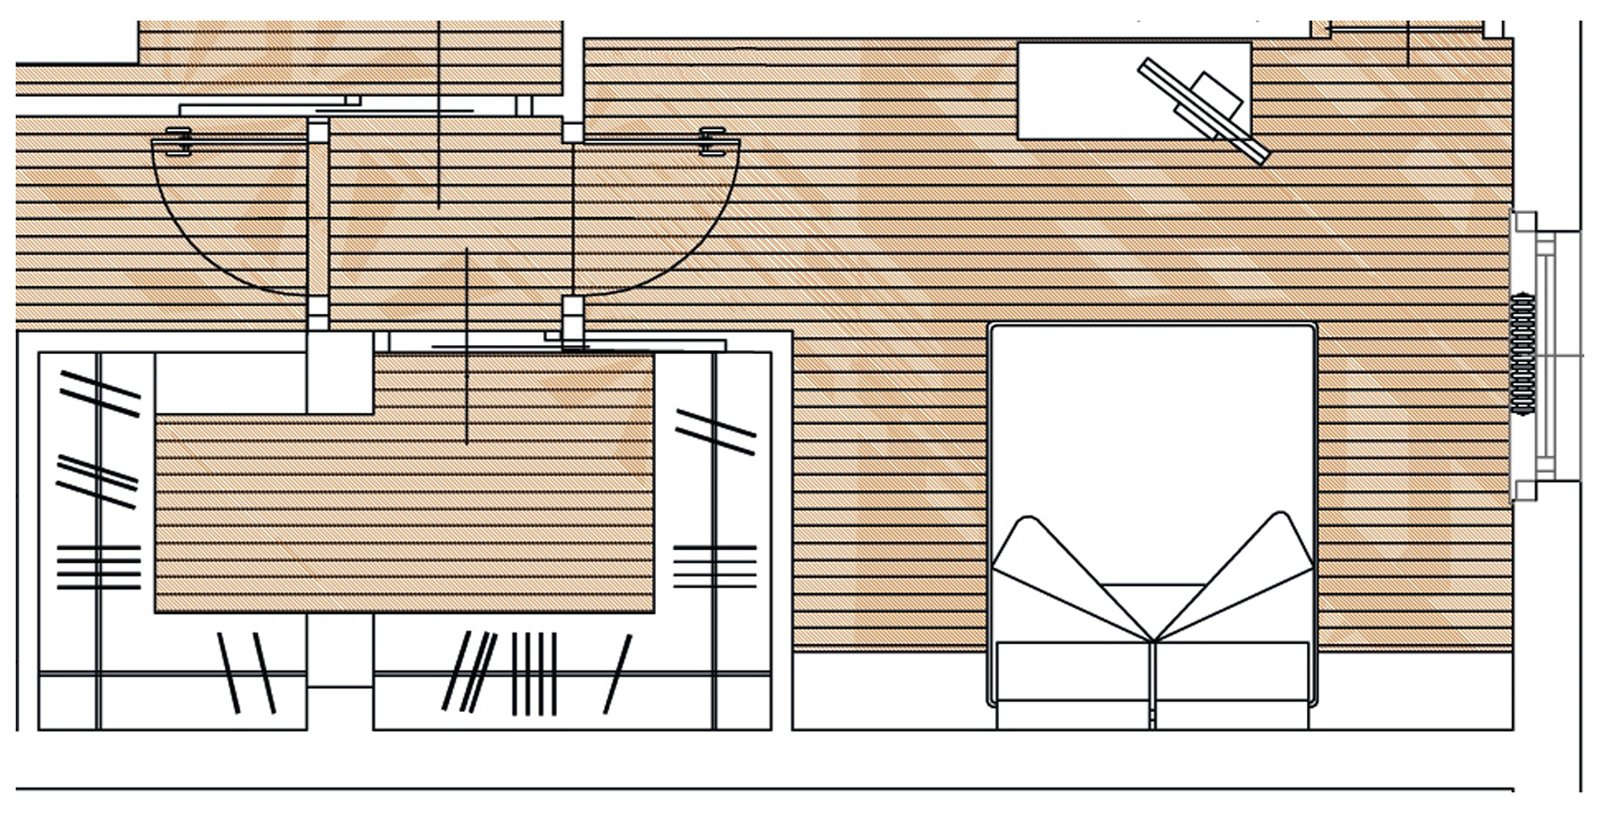 Percorsi ridisegnati per una casa pi vivibile cose di casa for Moderni piani casa stretta